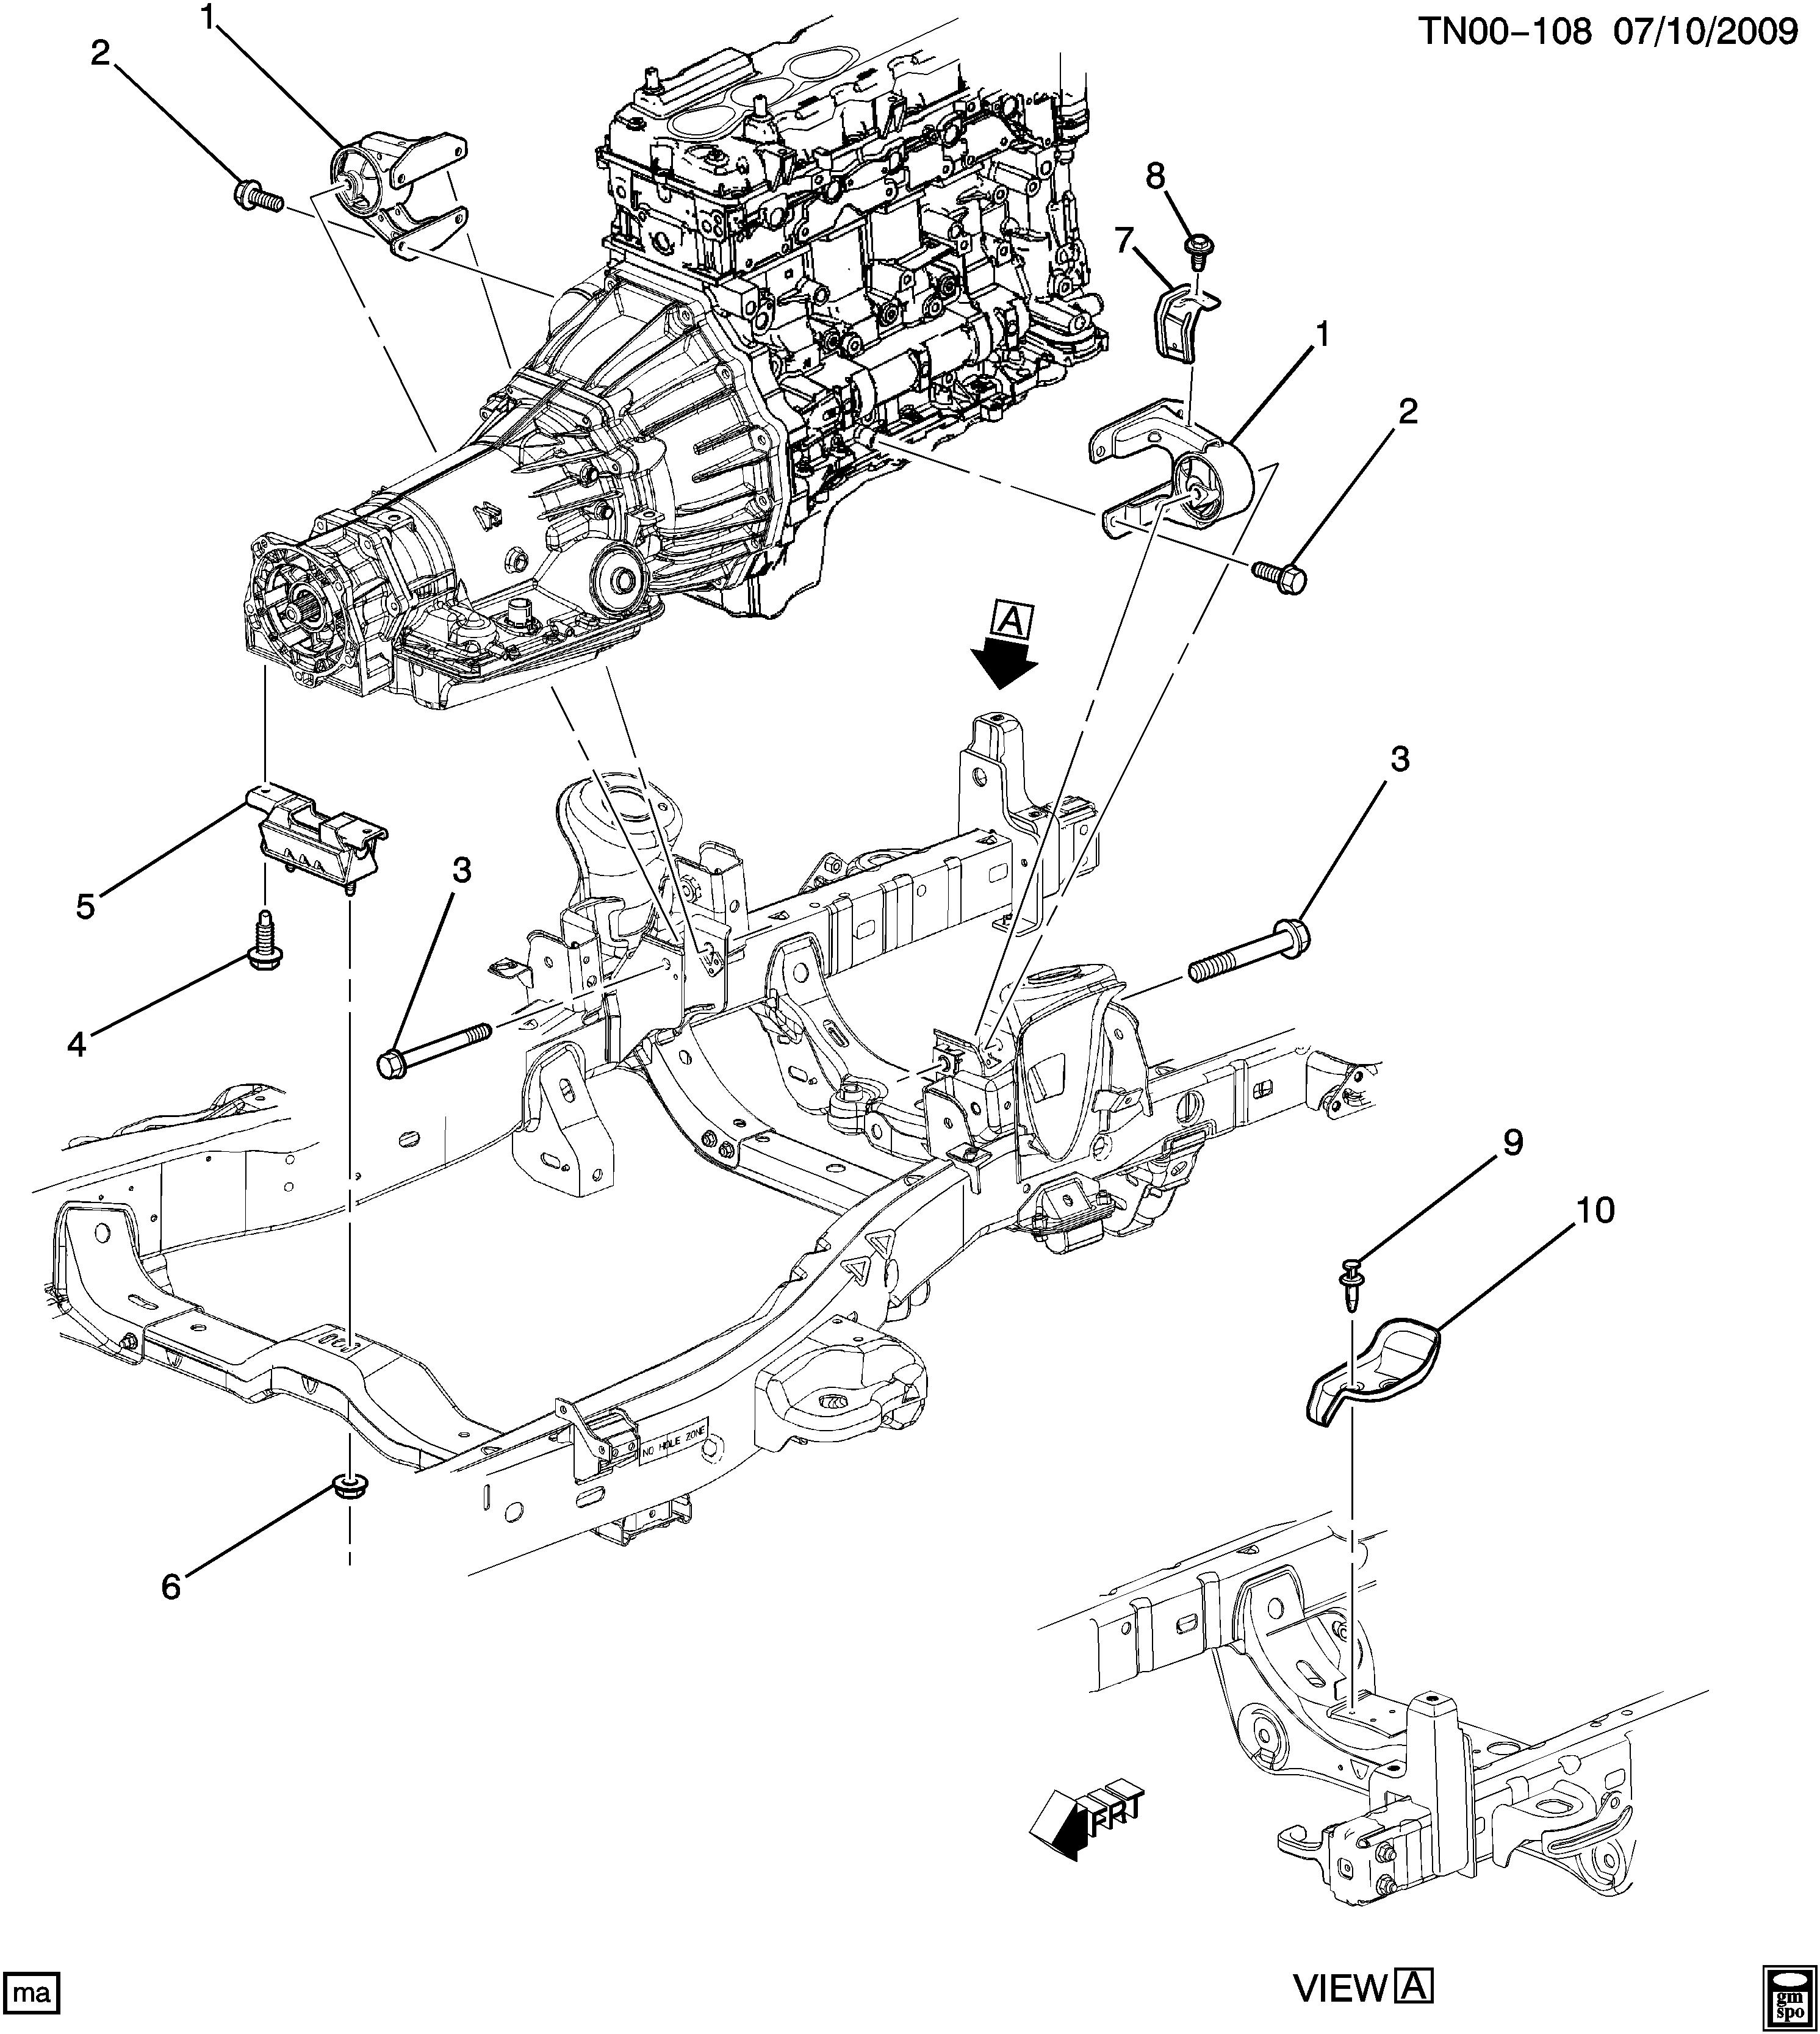 2009 hummer h3 engine diagram hummer h3 n1 engine   transmission mounting epc online  hummer h3 n1 engine   transmission